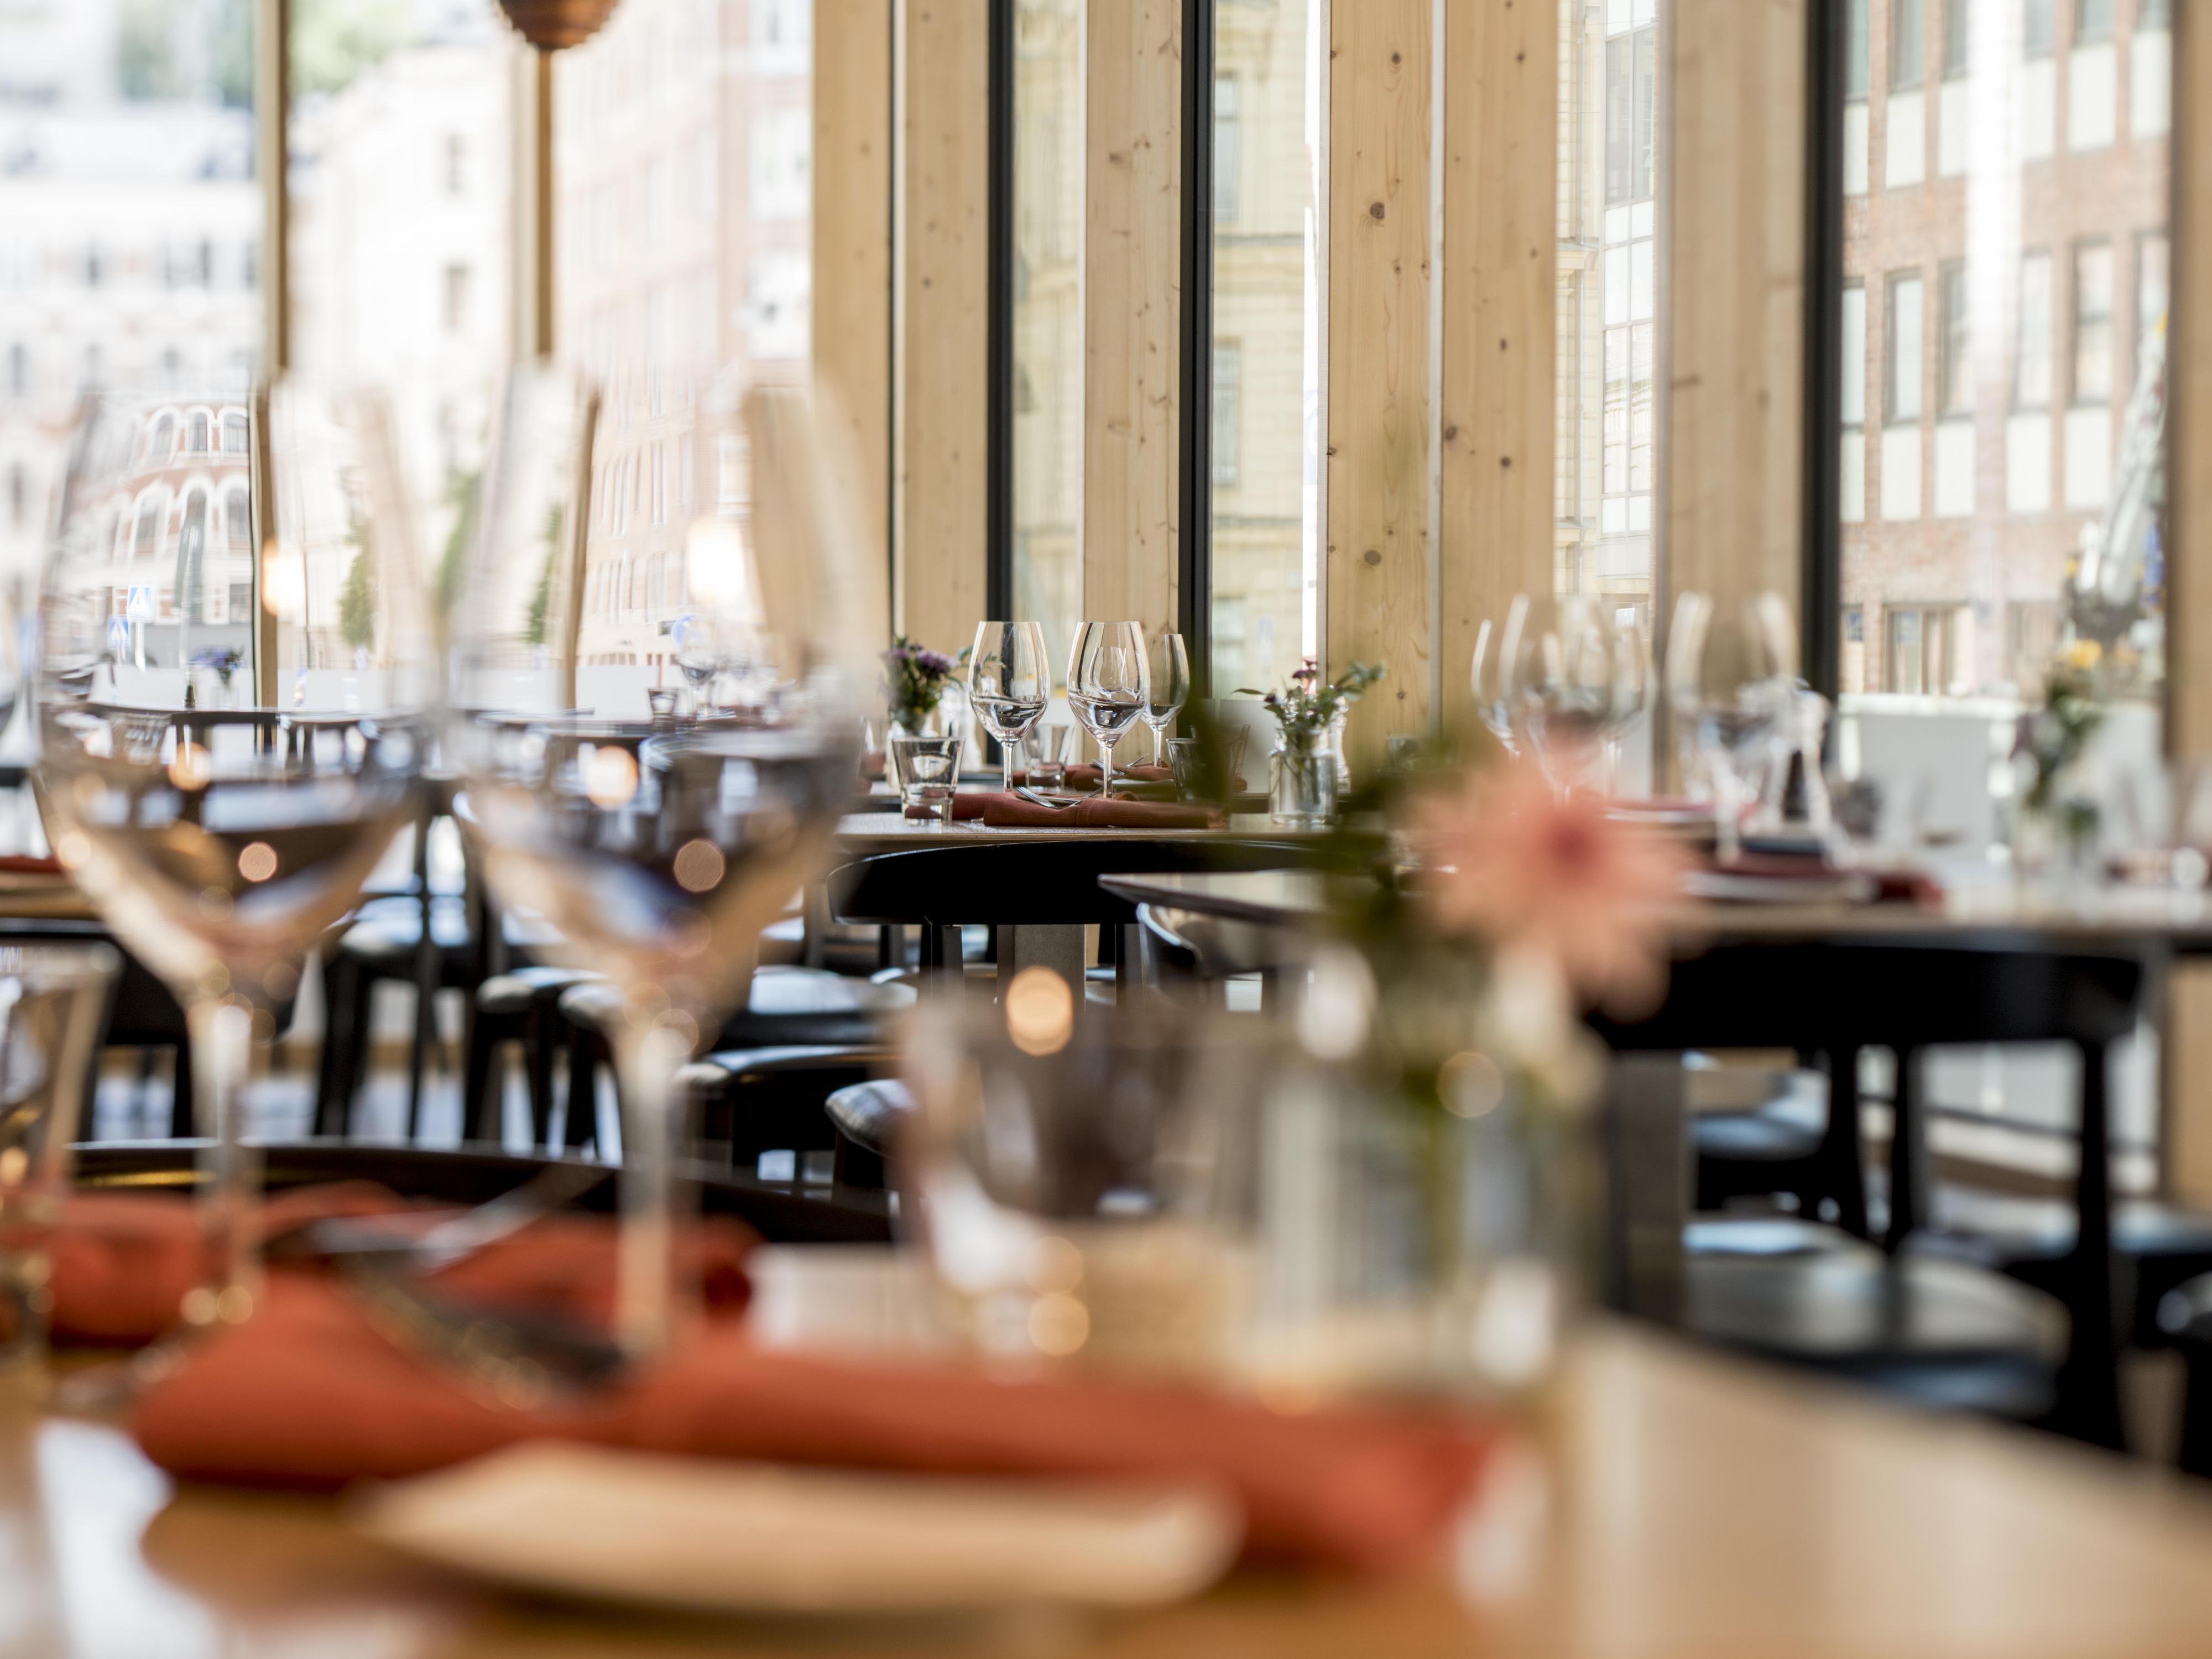 Lunch at Hotel Birger Jarl in Stockholm, Sweden